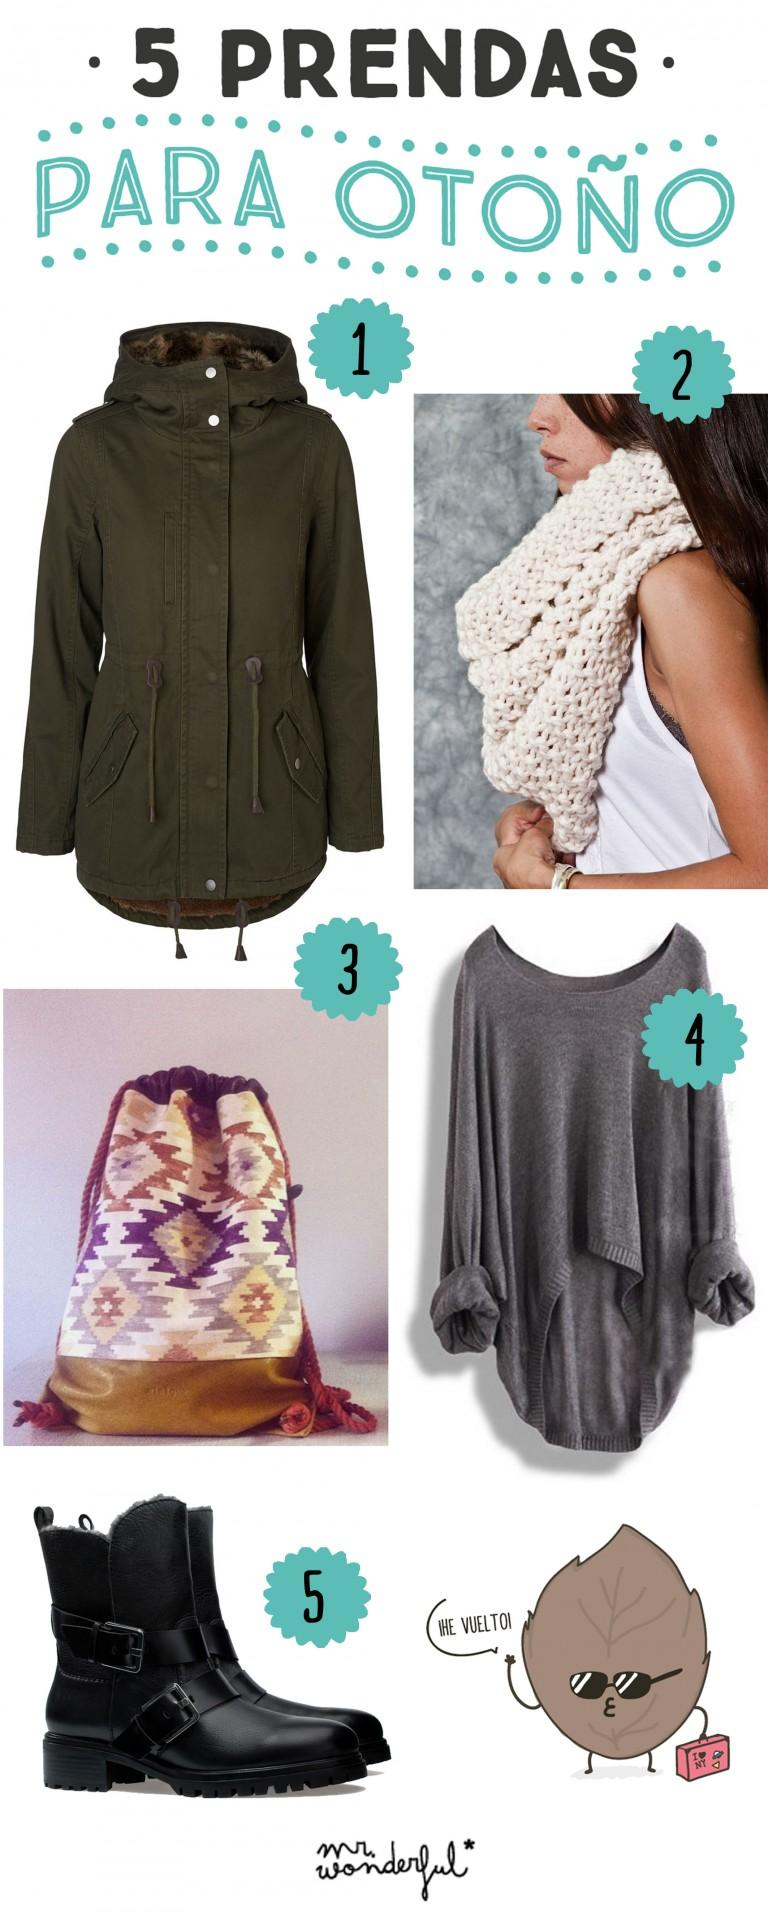 5 prendas para afrontar el frío otoñal